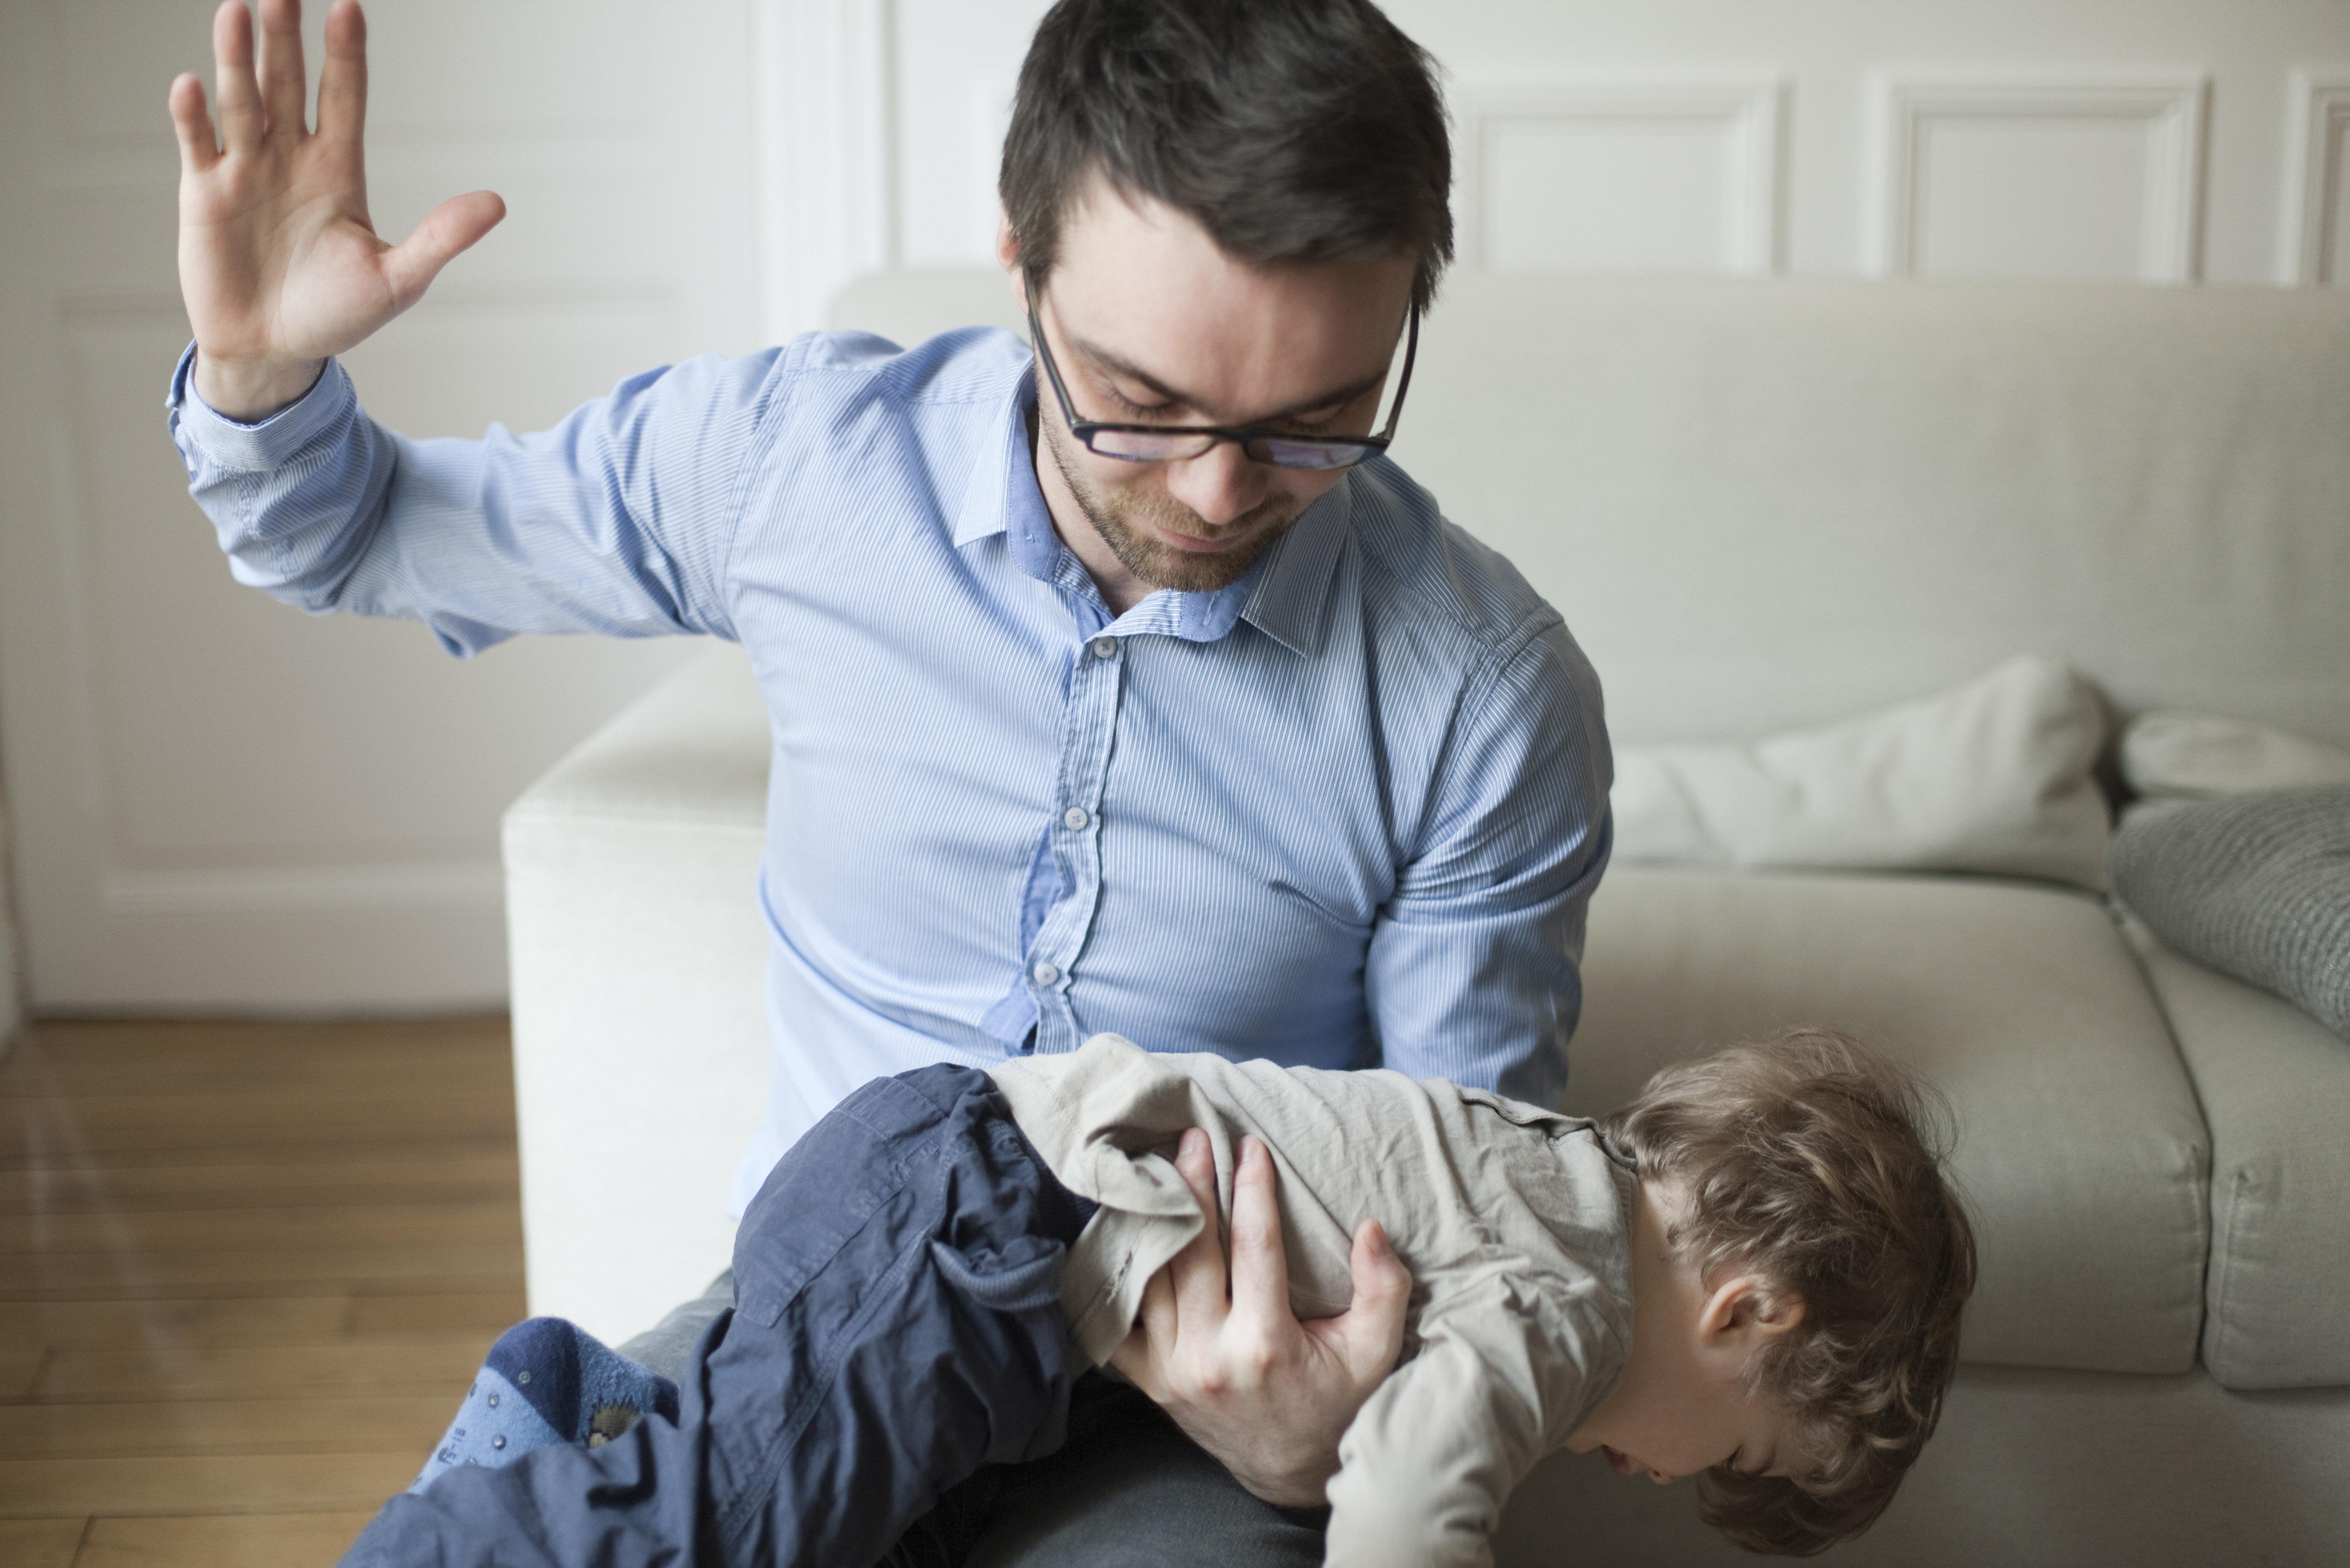 Droit de correction d'un enfant: les éducatrices aussi peuvent l'invoquer dit une